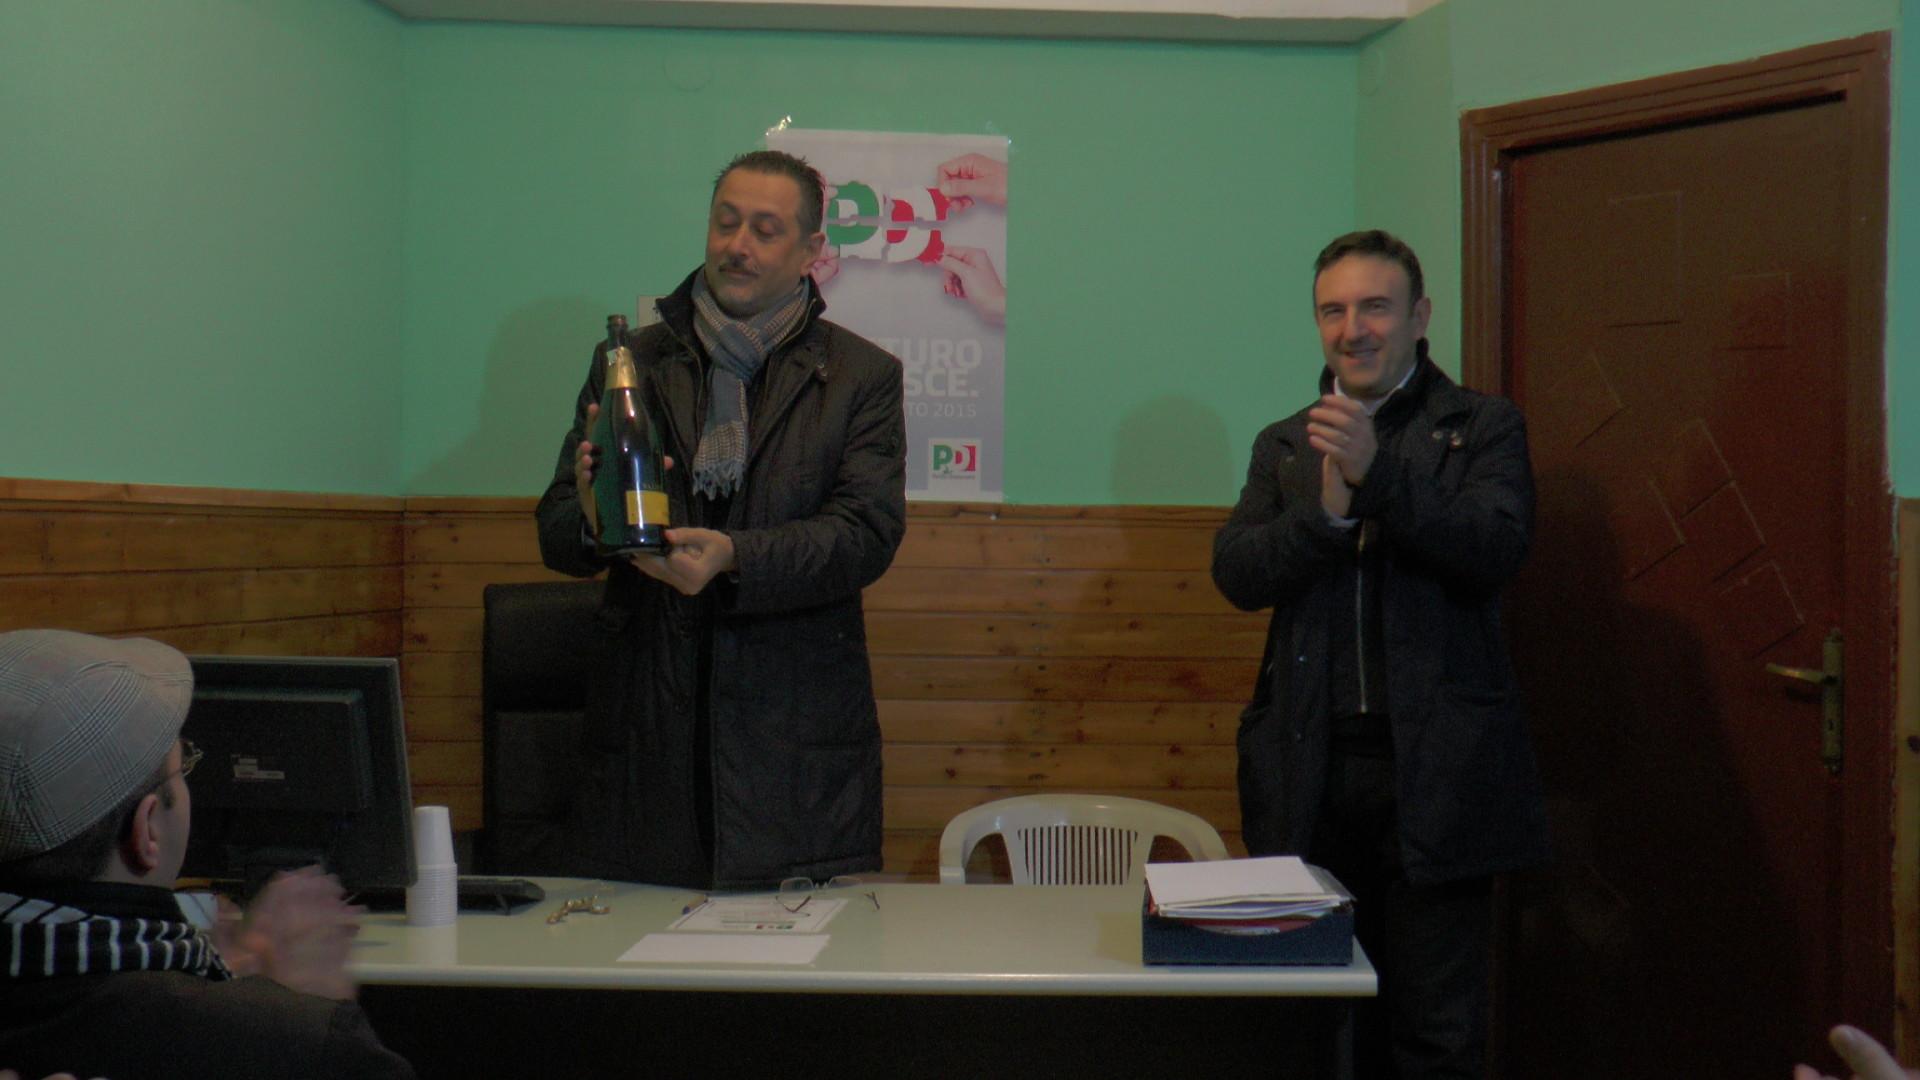 Inaugurata la sede del pd di latronico l 39 eco di basilicata - Porta portese sud ...